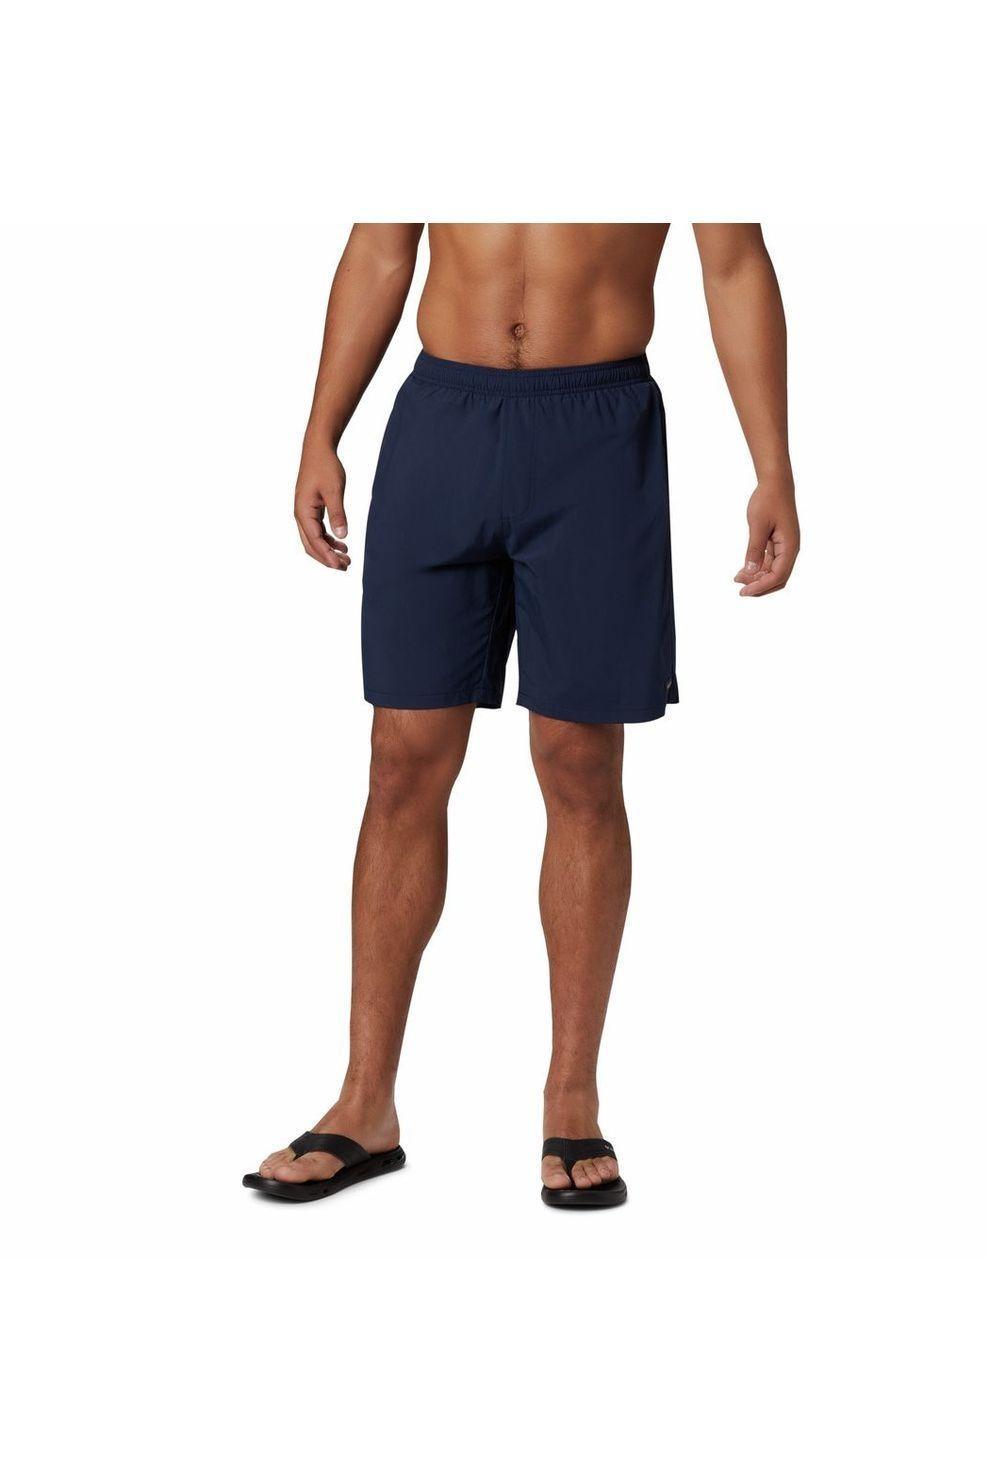 Columbia Zwemshort Roatan Drifter Water 6 voor heren - Blauw/ Gemengd - Maat: M